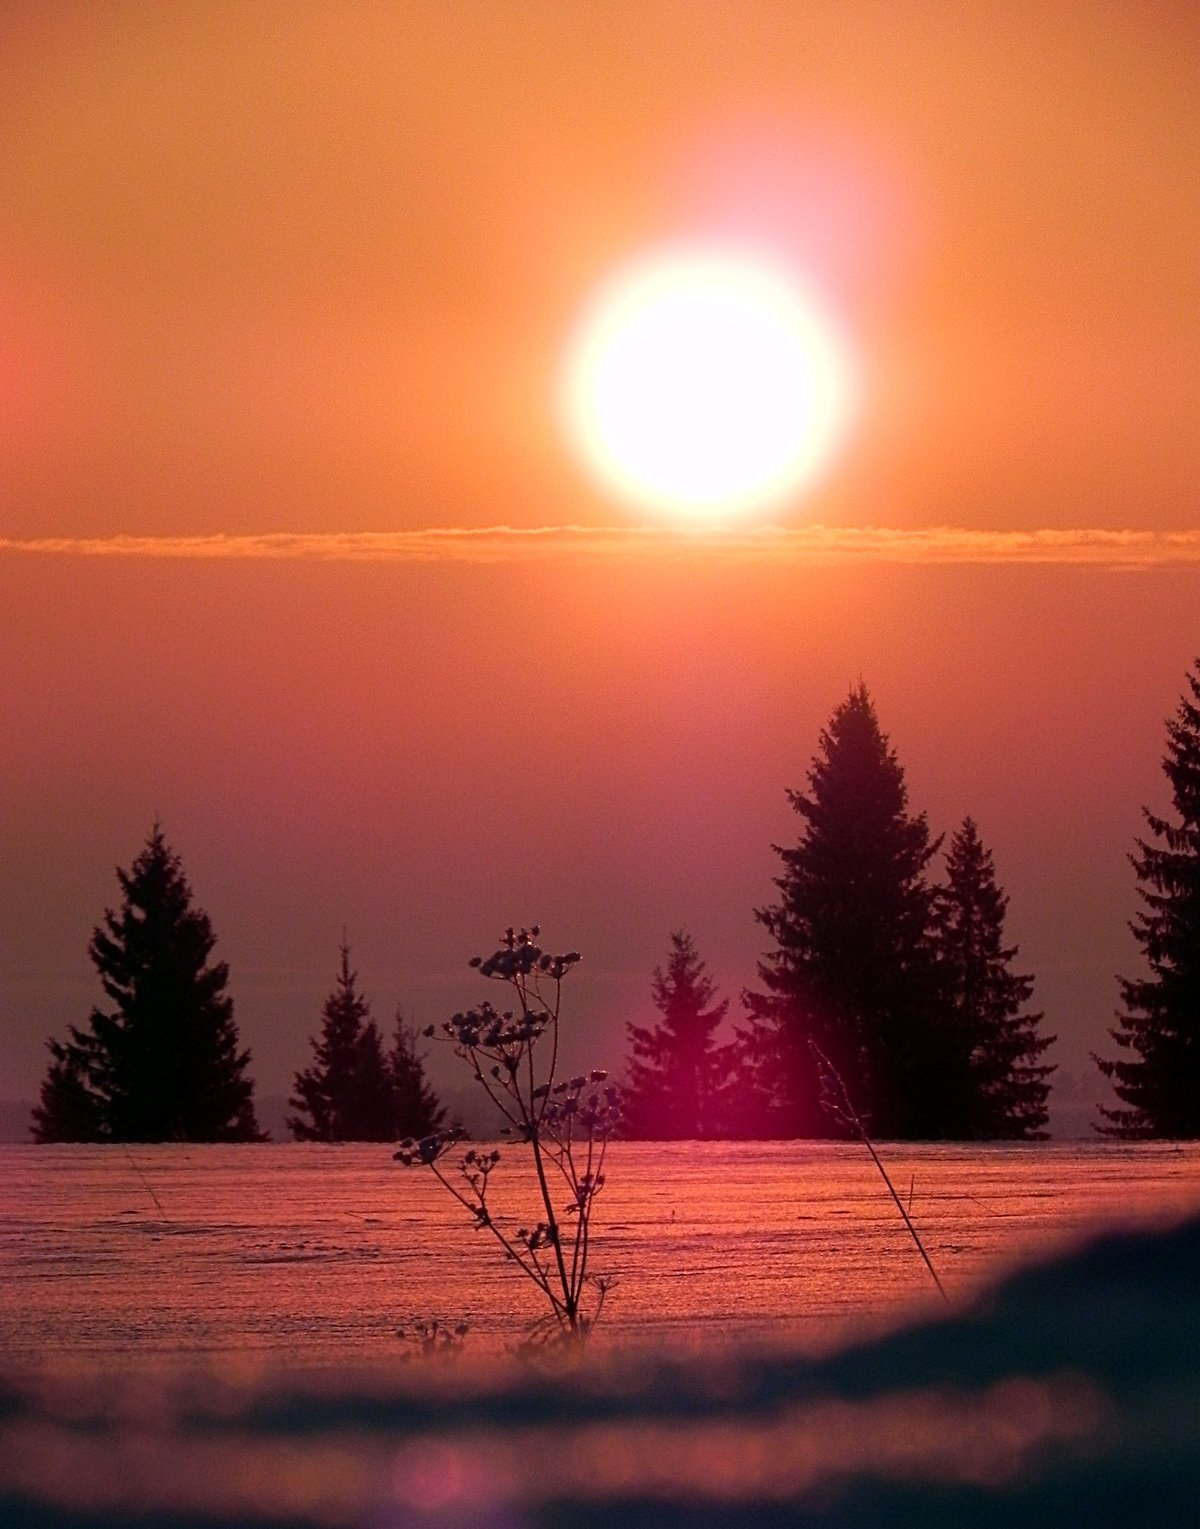 красивые картинки заката и рассвета зимой